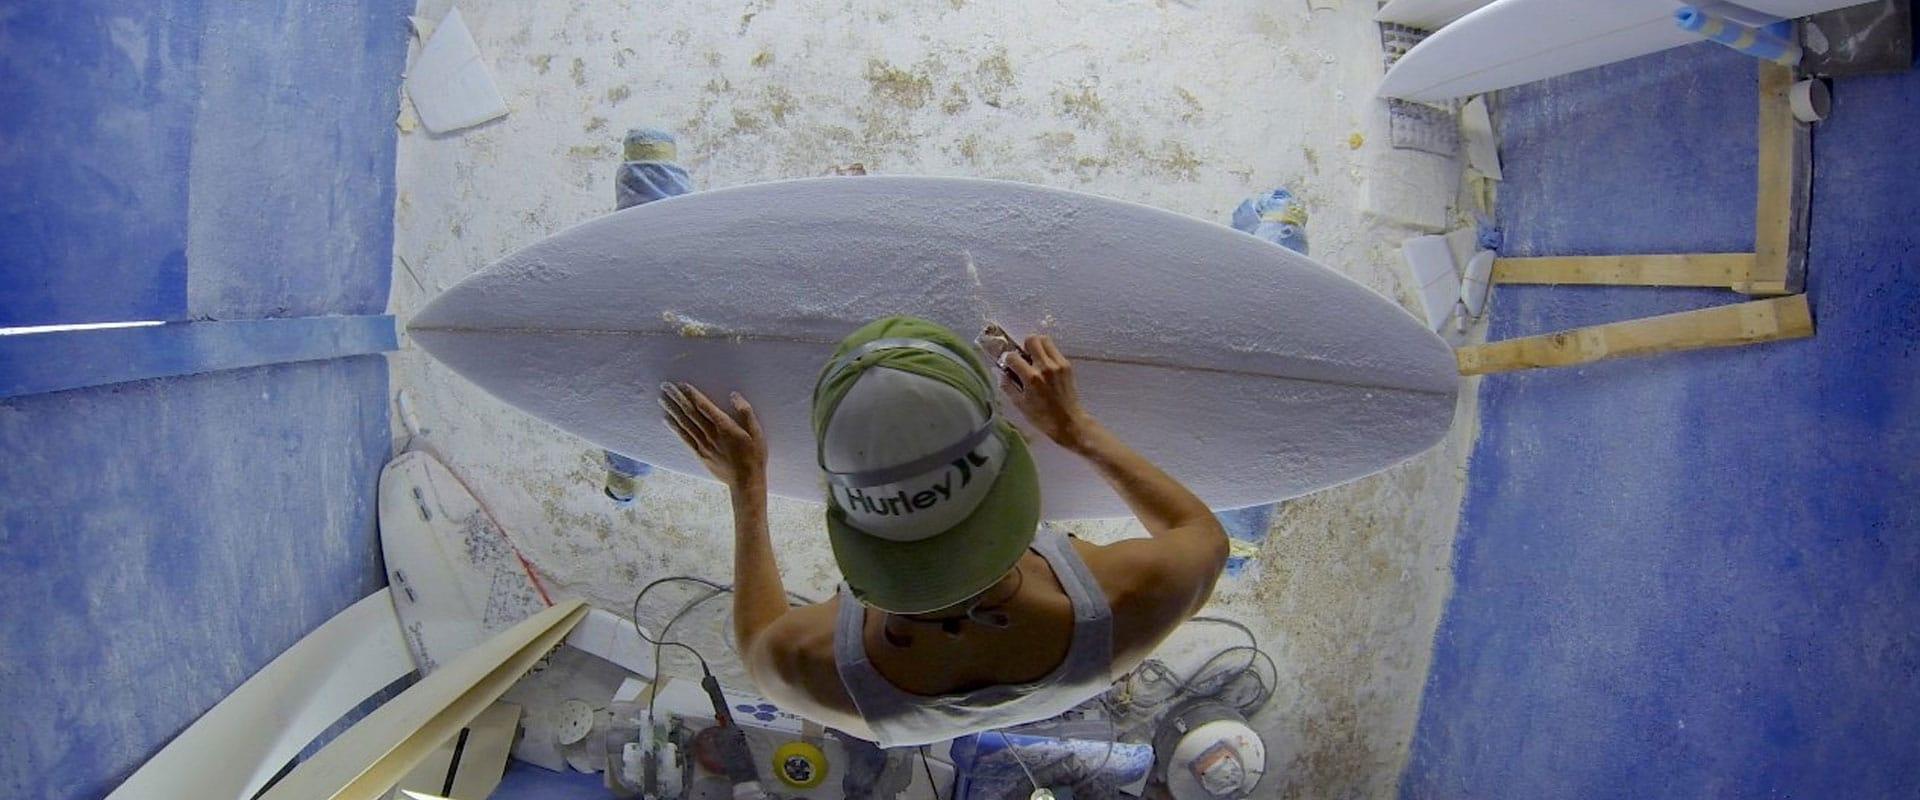 Ska Surfboards shaper esperto in tavole surf HIGH PERFORMANCE